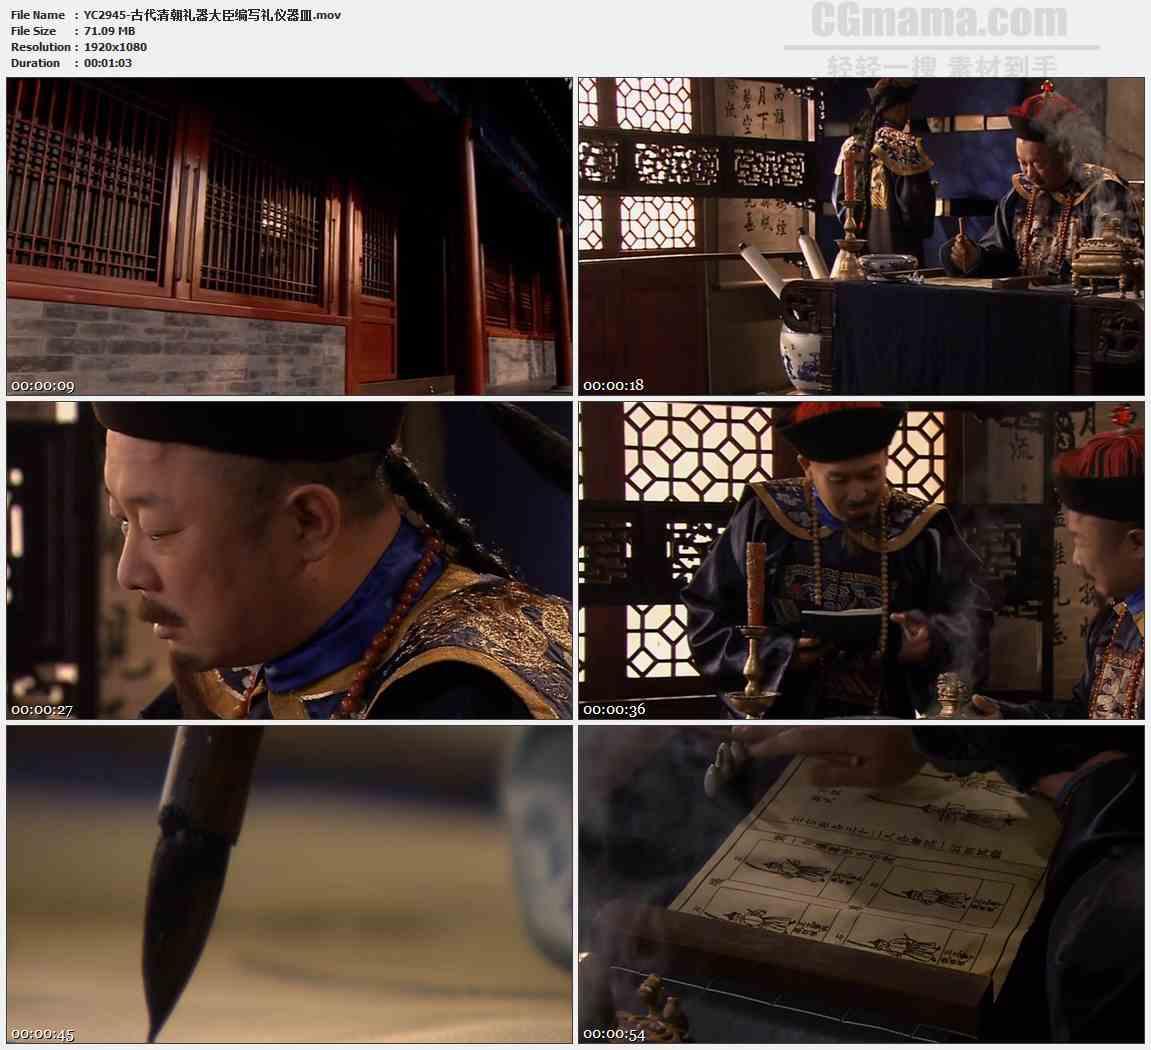 YC2945-古代清朝礼器大臣编写设计高清实拍视频素材